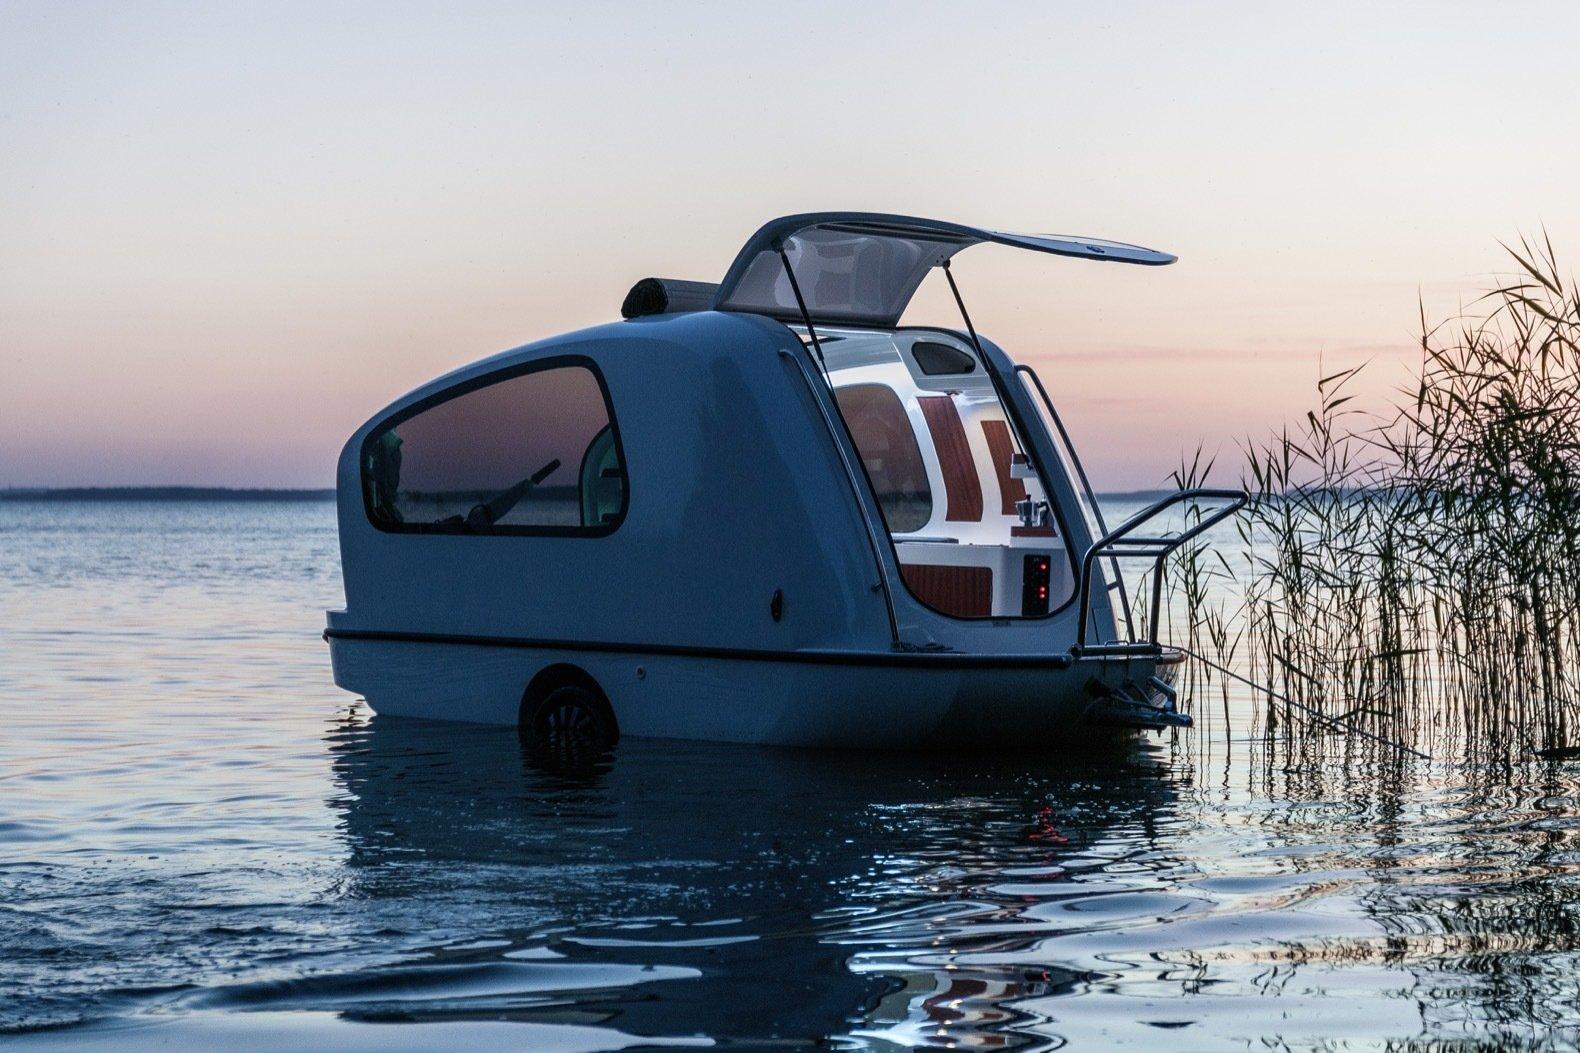 Sealander floating camper exterior